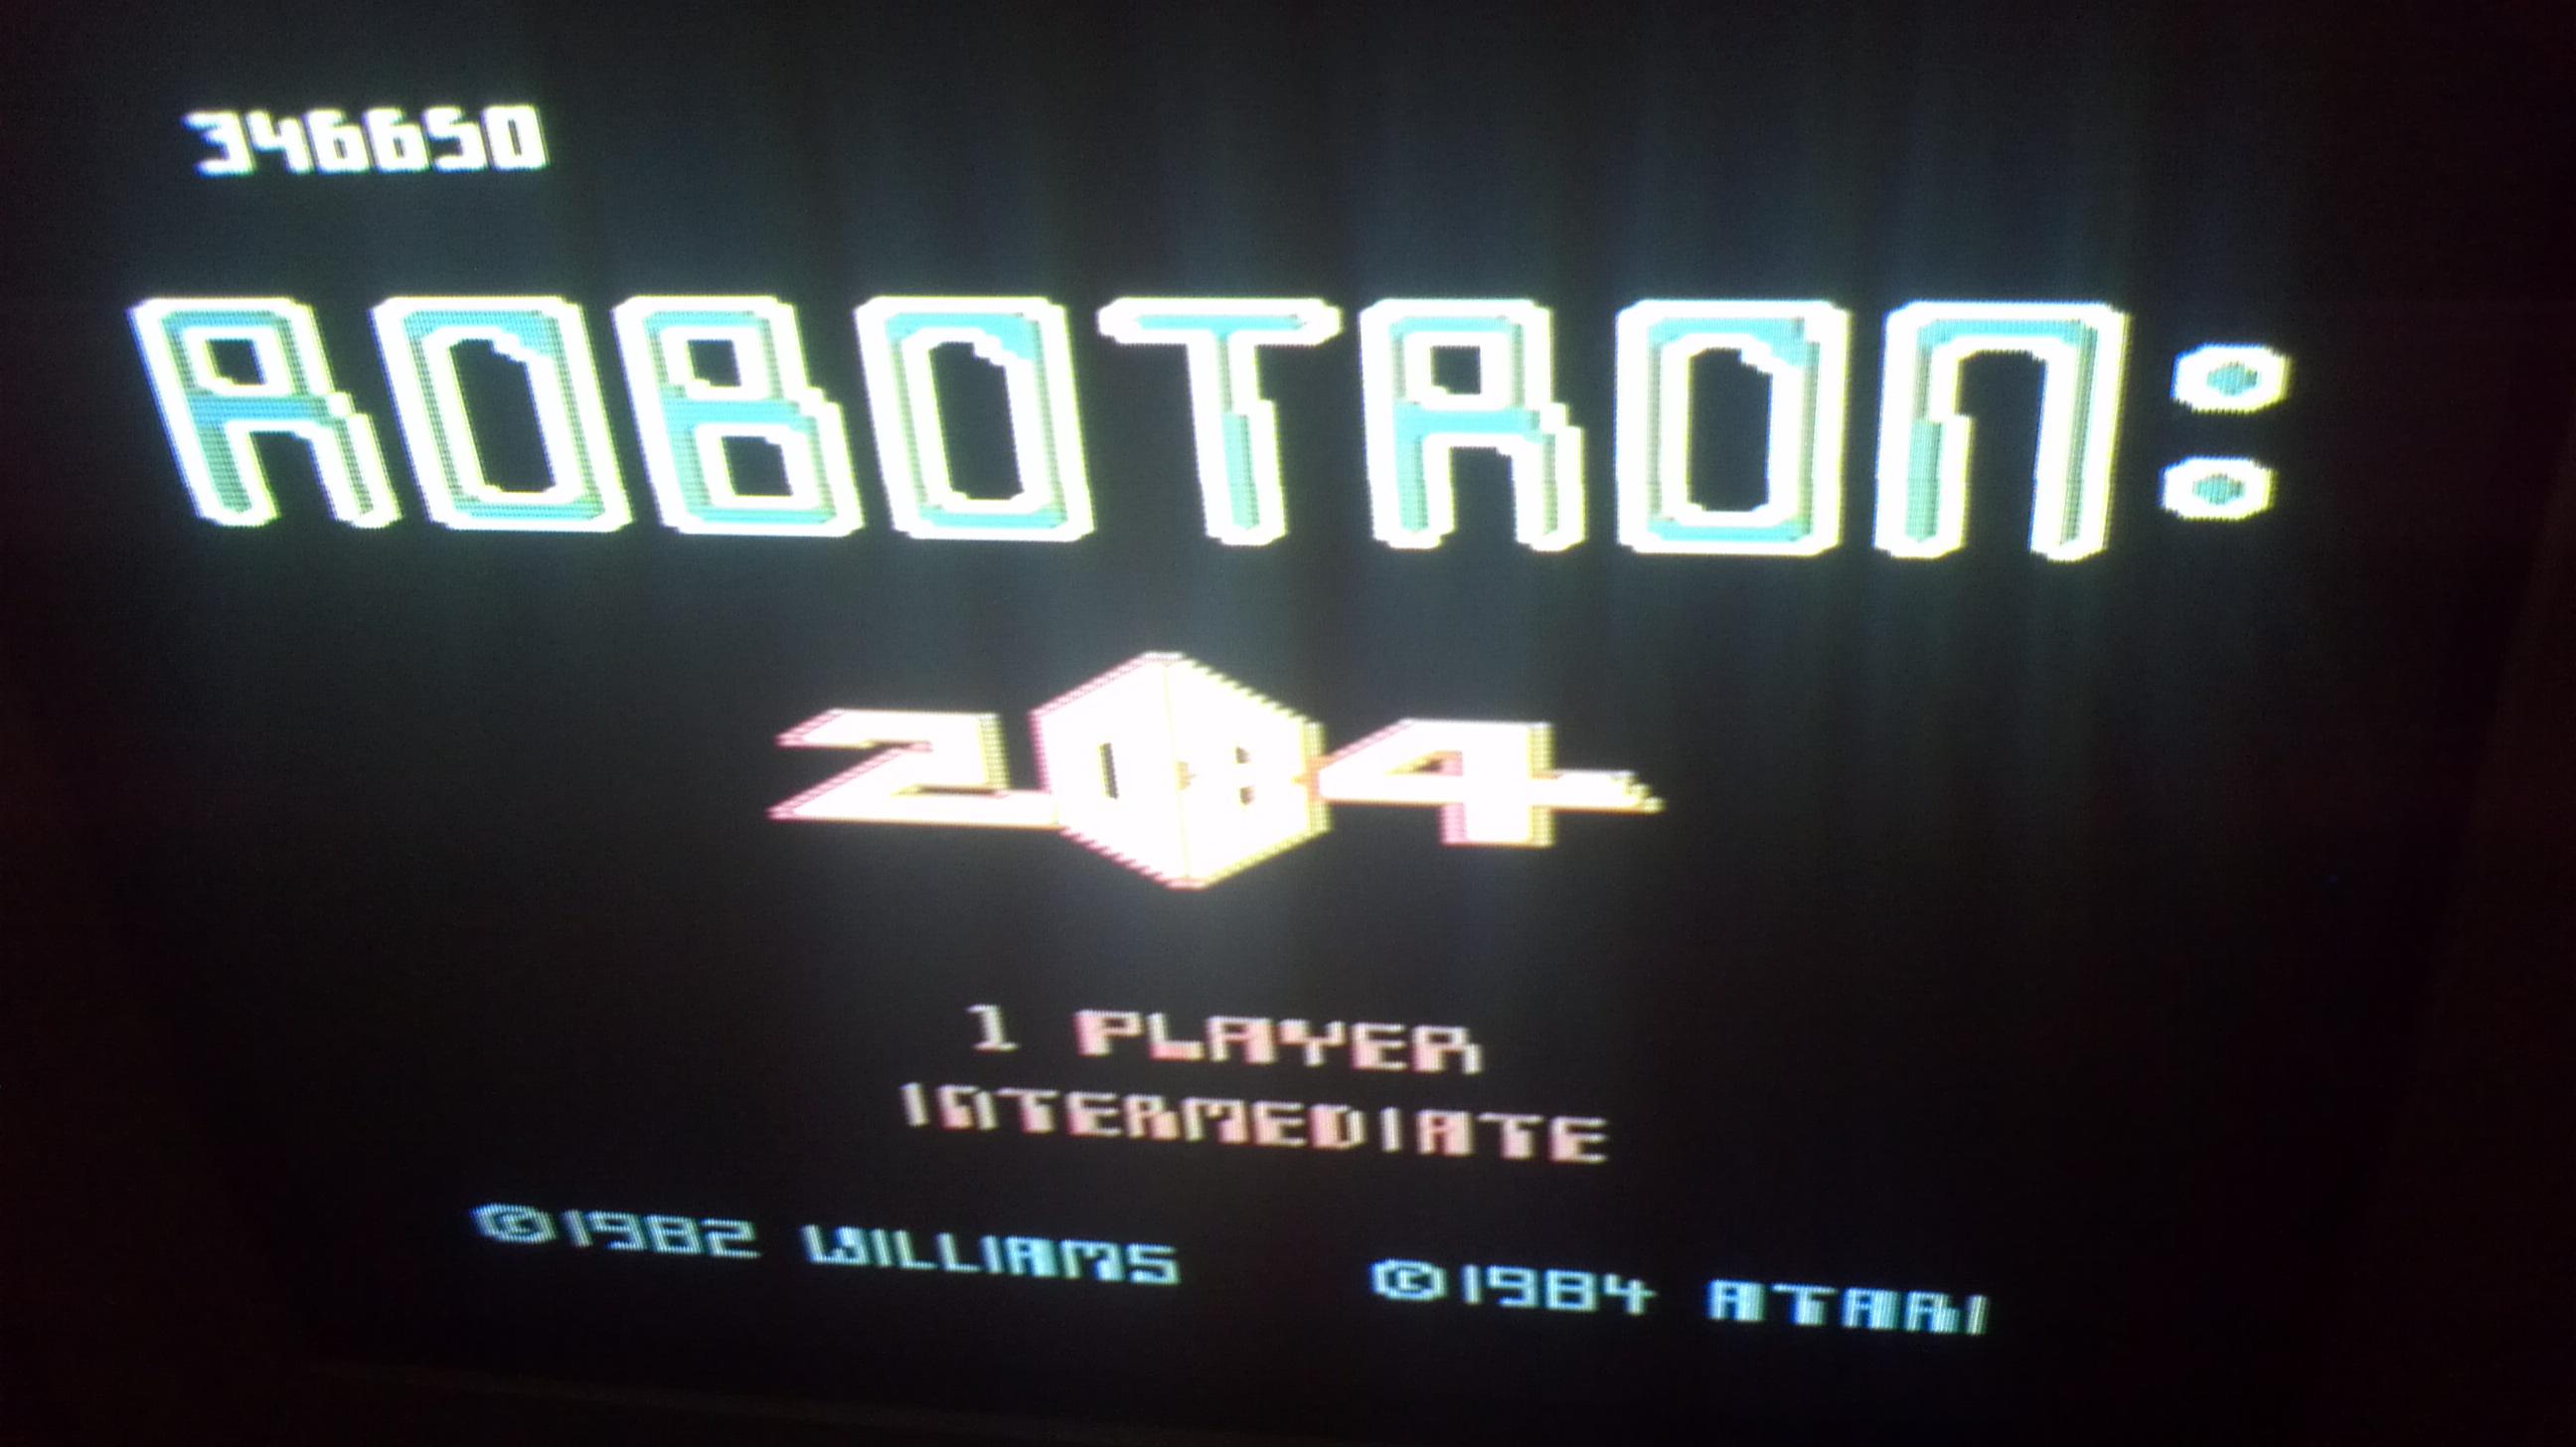 Liduario: Robotron 2084: Intermediate (Atari 7800) 346,650 points on 2014-05-04 06:55:33